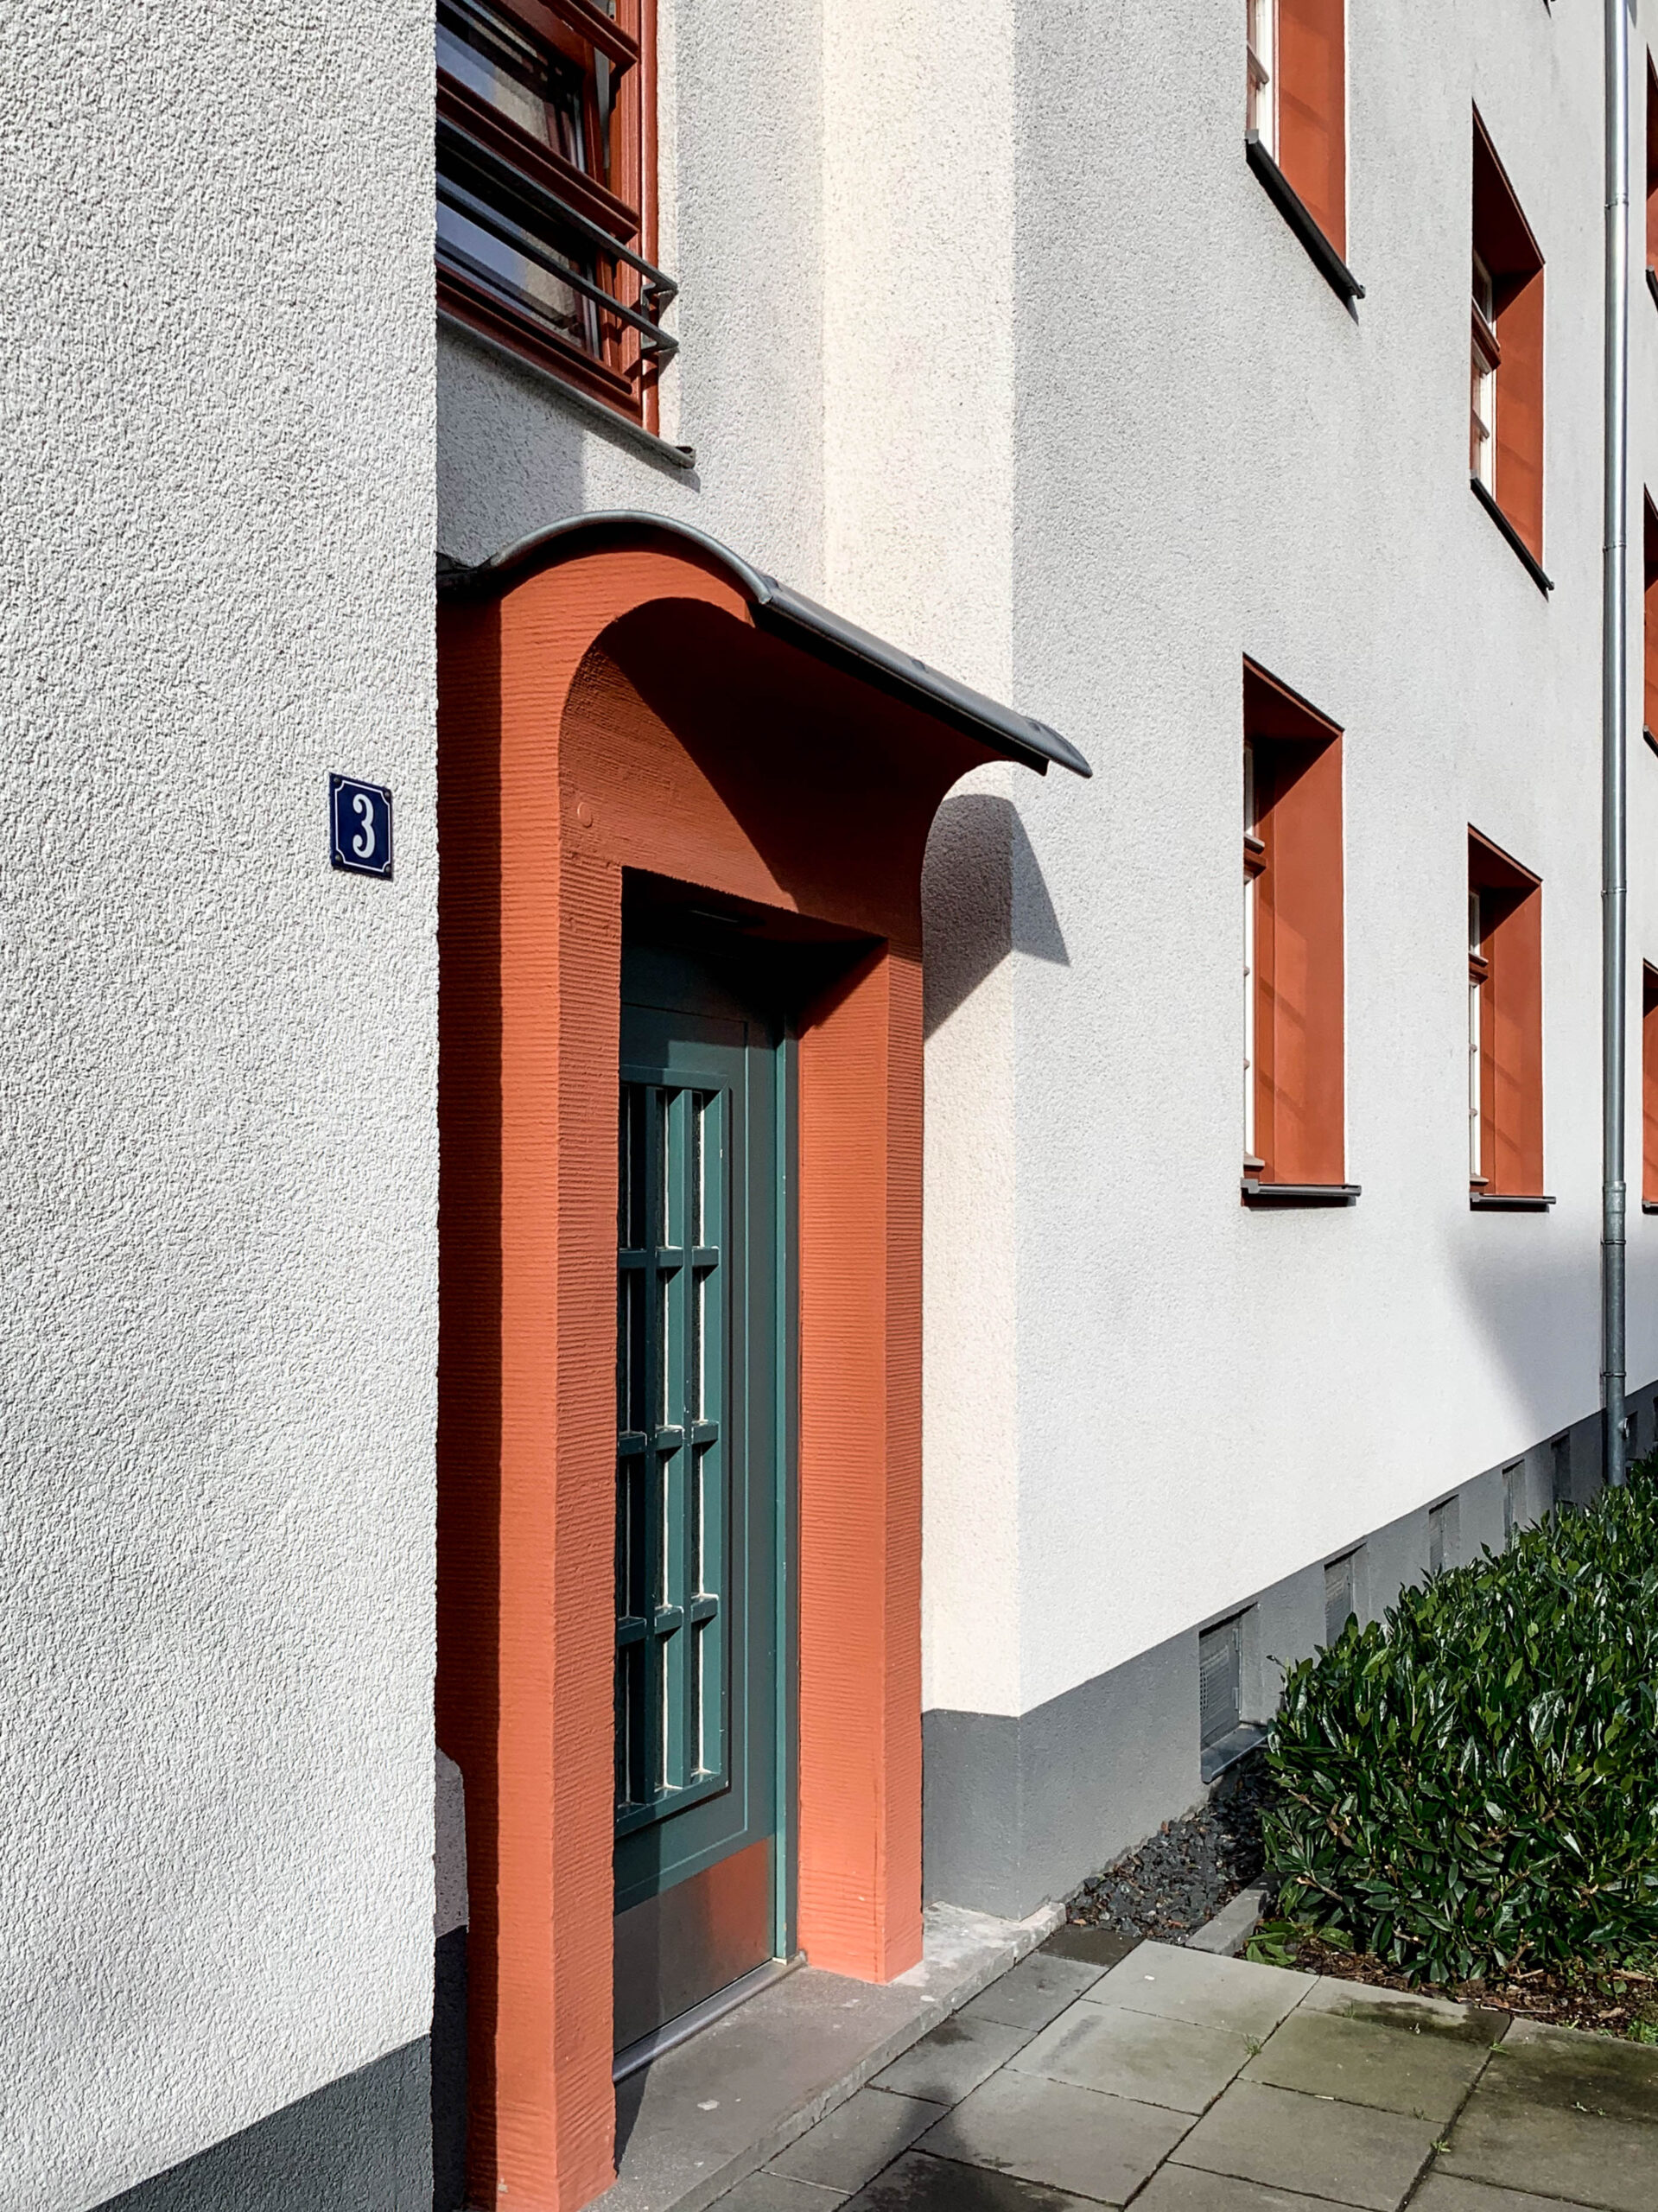 Naumann Siedlung, 1927-1929. Architekten: Manfred Faber, Otto Scheib, Fritz Fuß, Hans Heinz Lüttgen